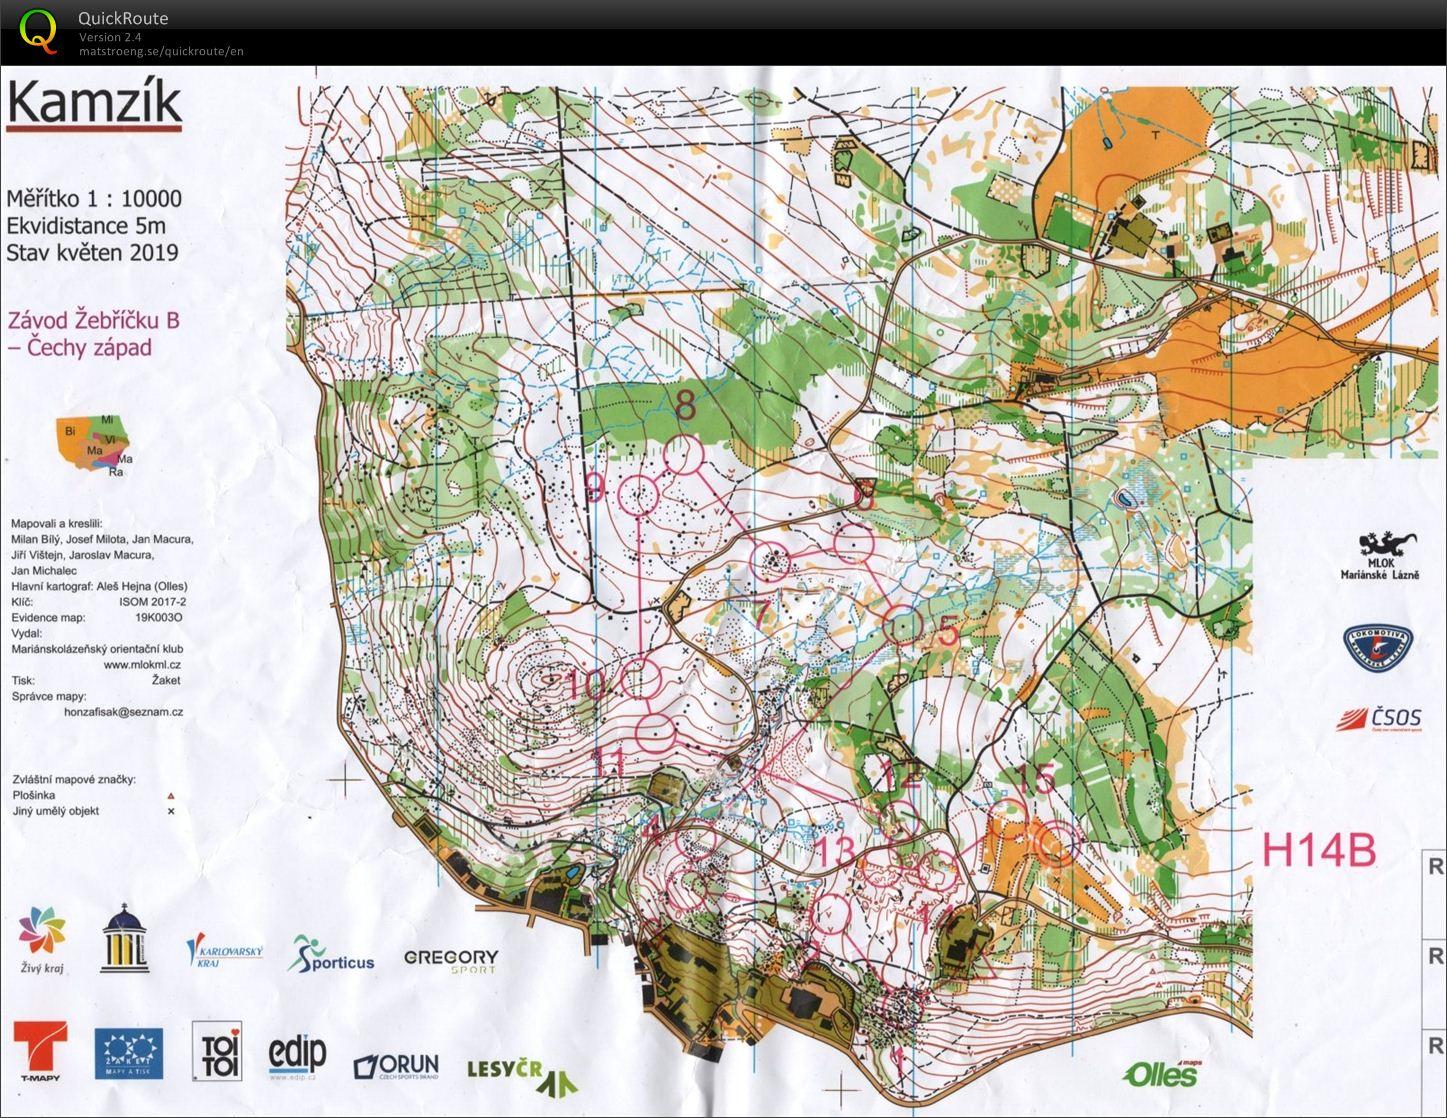 Zb Marianske Lazne June 15th 2019 Orienteering Map From